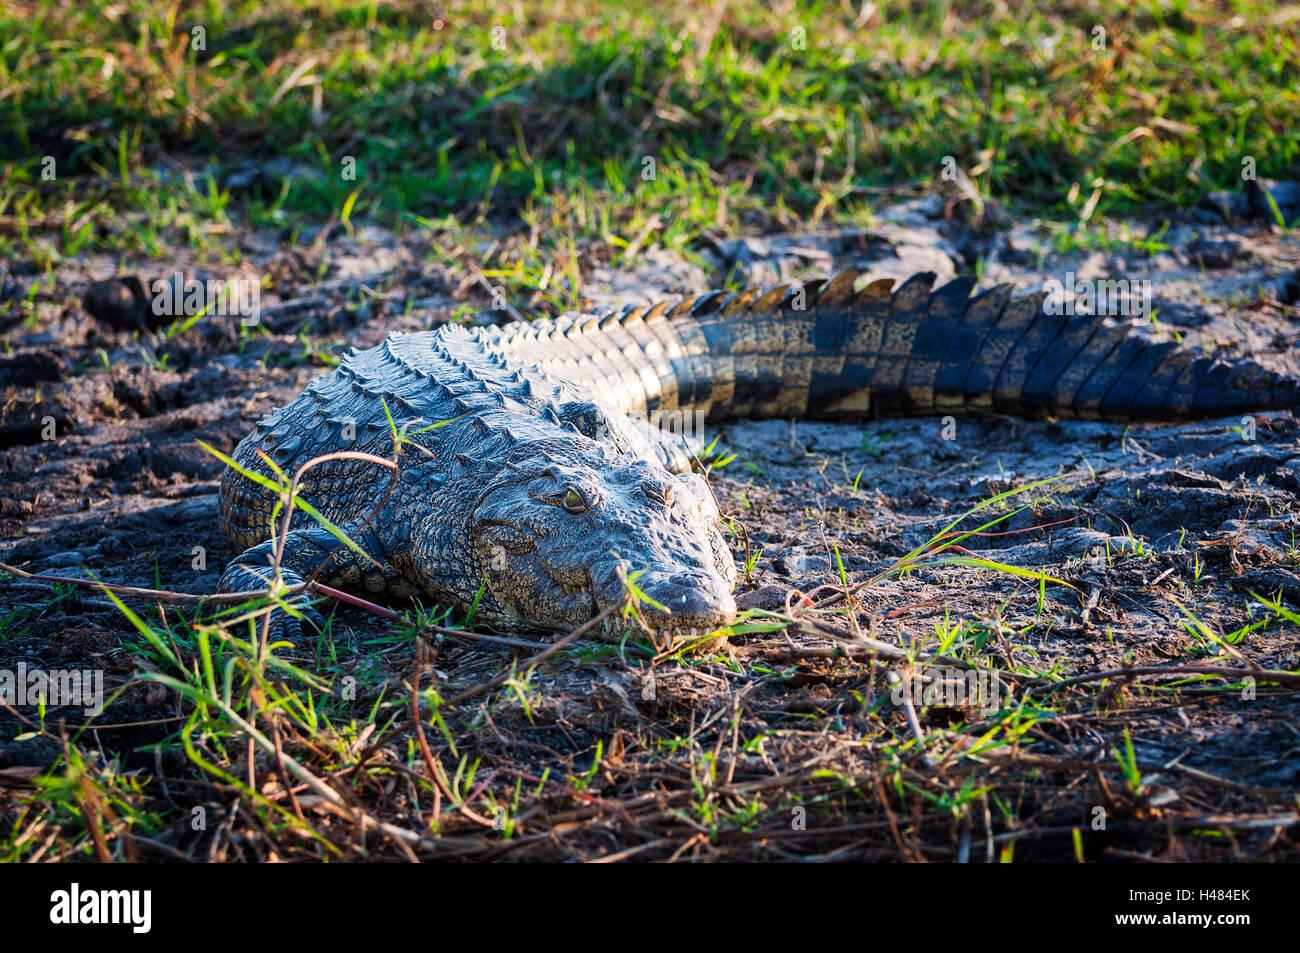 Coccodrillo del Nilo in le rive del fiume Chobe, Chobe National Park in Botswana, Africa; Immagini Stock